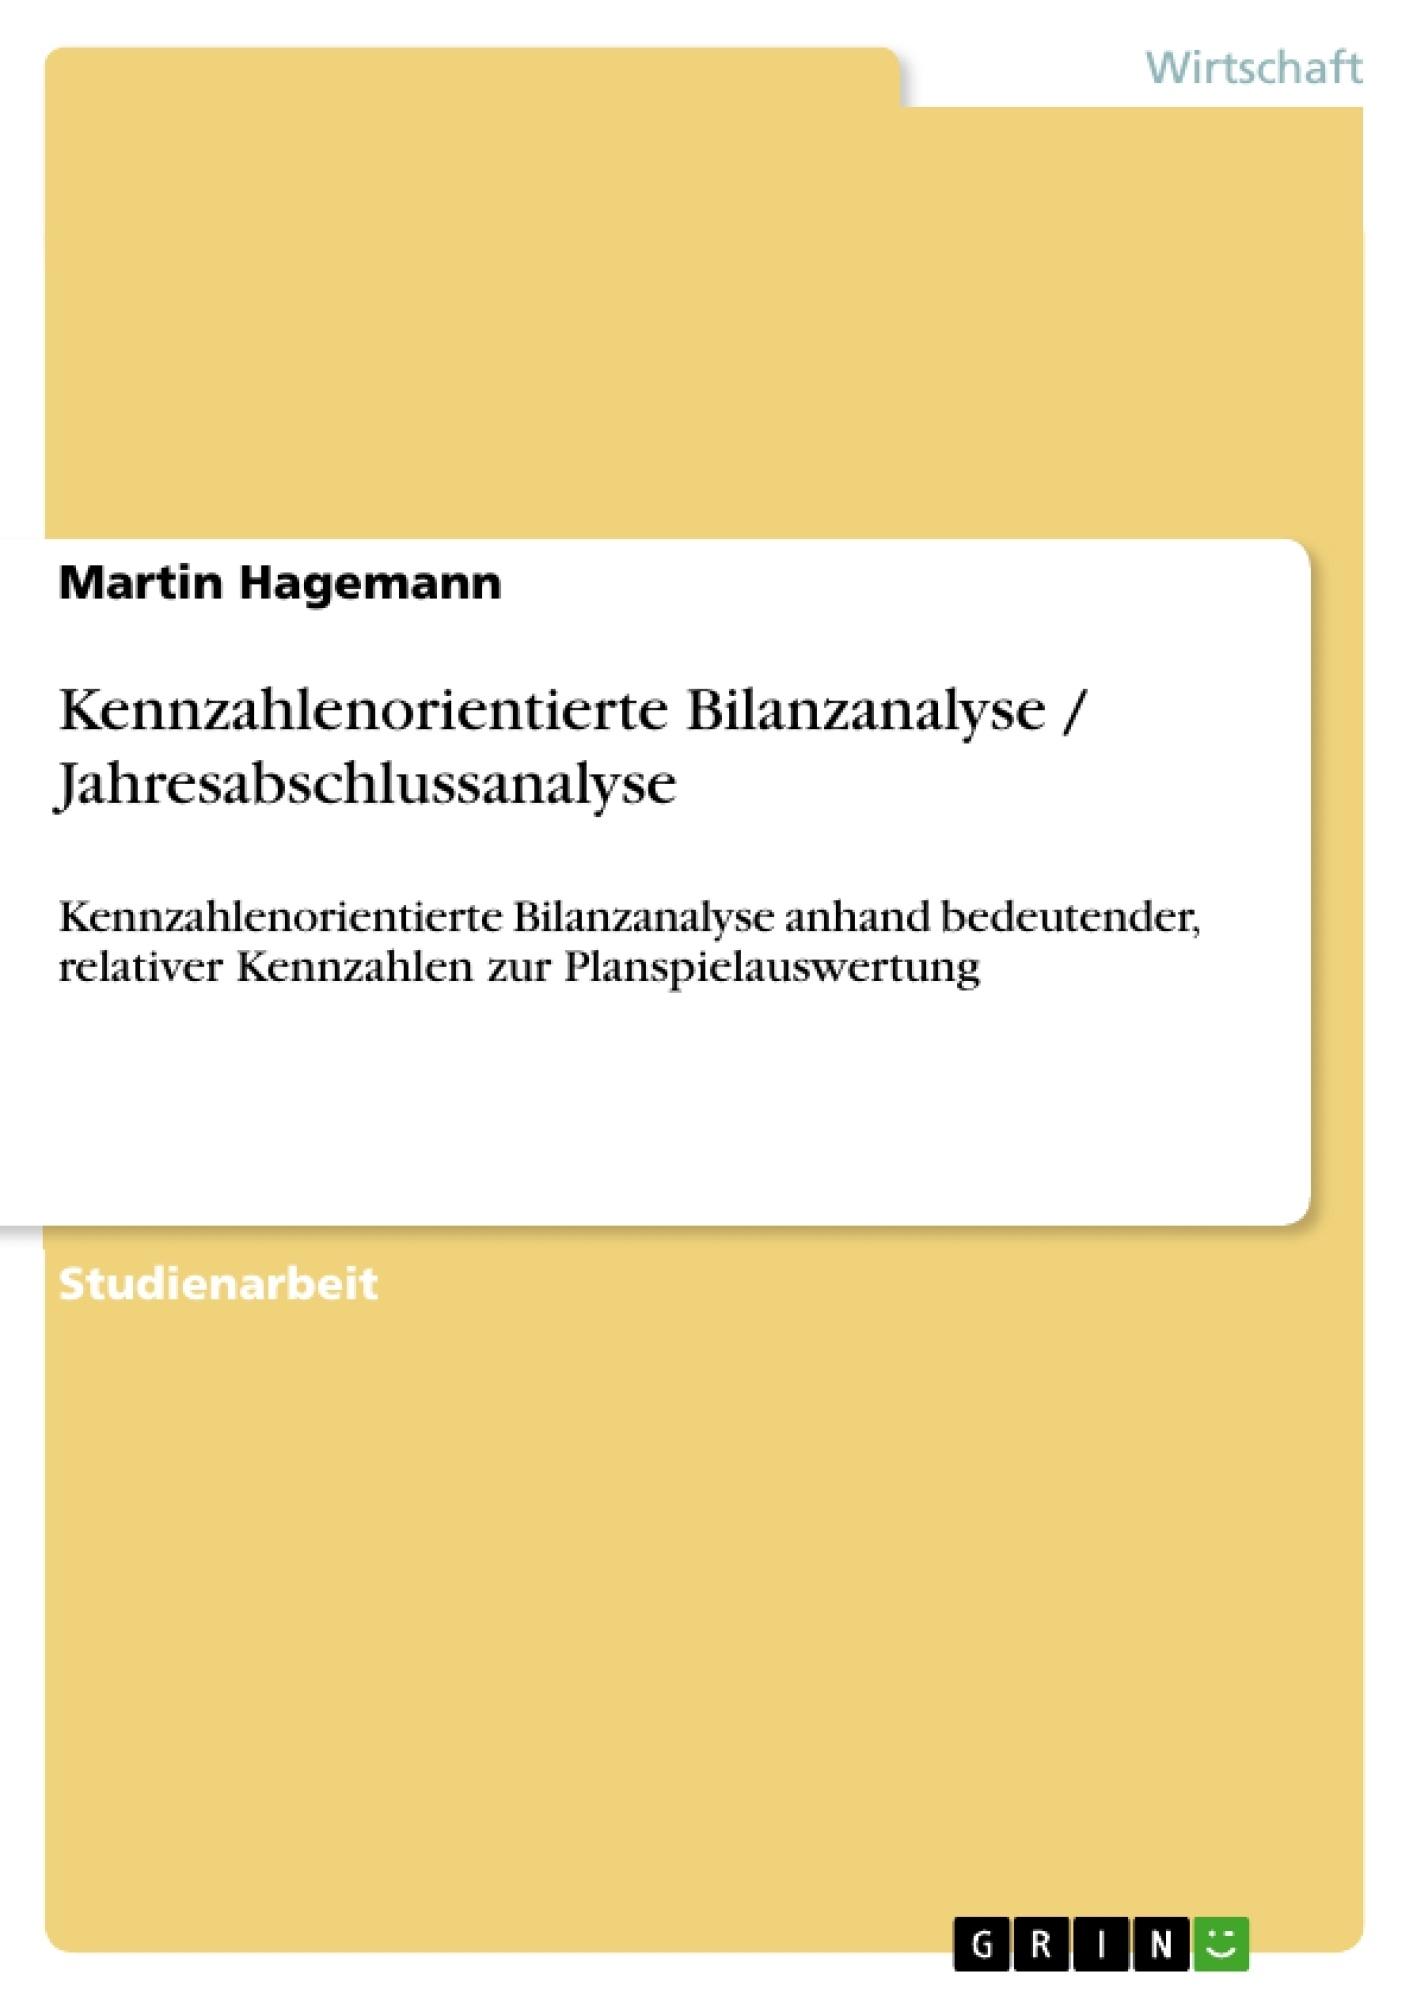 Titel: Kennzahlenorientierte Bilanzanalyse / Jahresabschlussanalyse